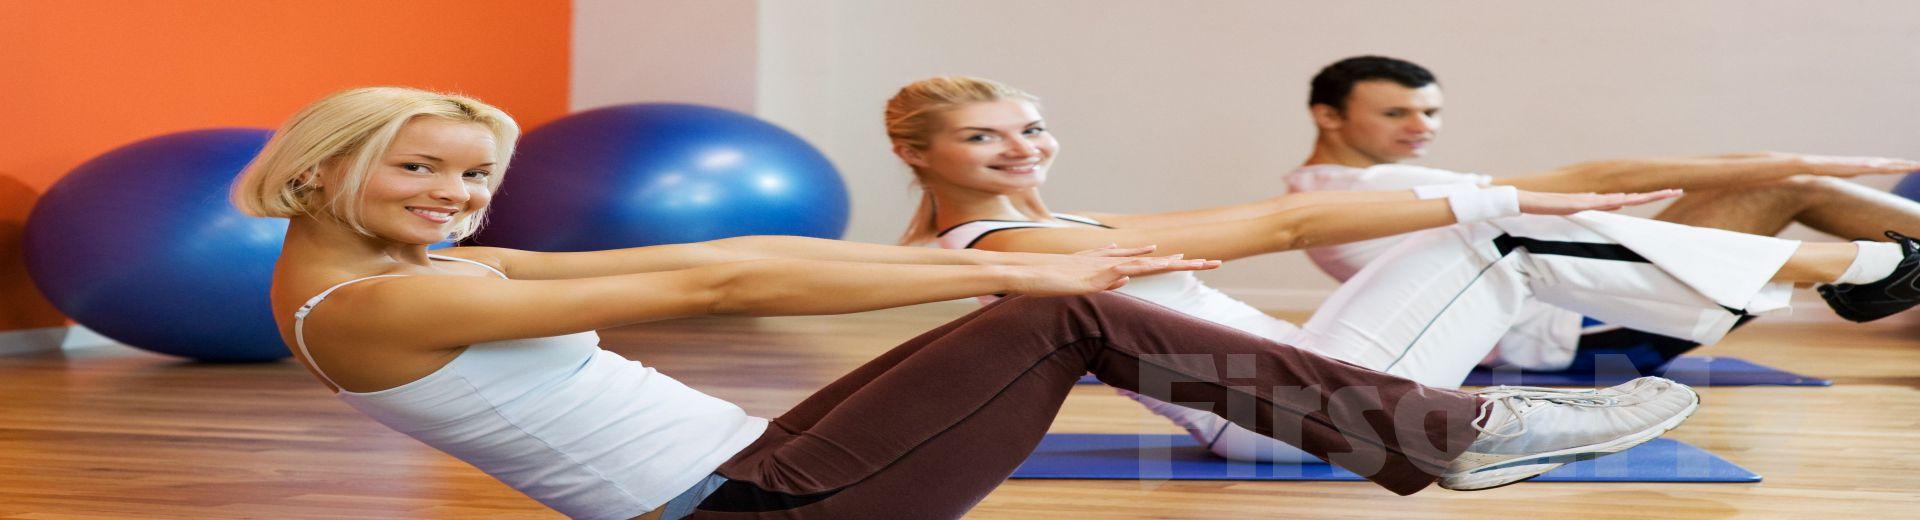 5 Yıldızlı Holiday Inn İstanbul Airport Mandala Spa'da Bay ve Bayanlar İçin 4 Aylık Pilates Kursu!